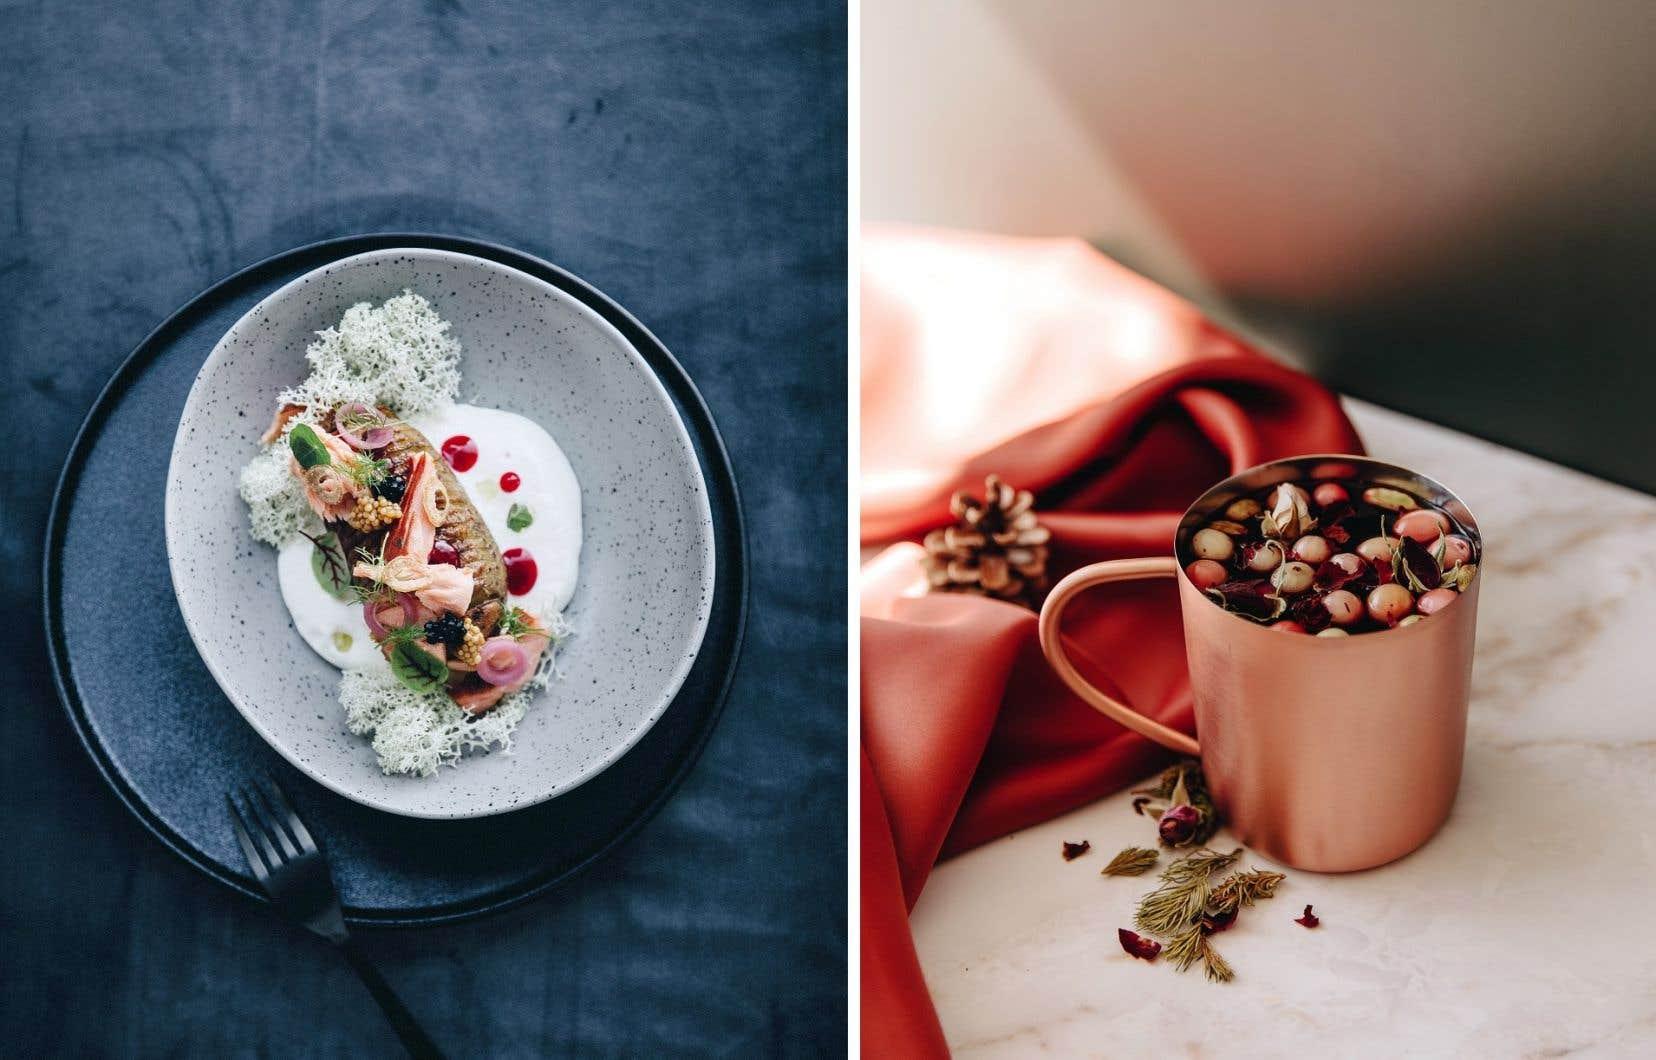 Une assiette de pommes de terre Hasselback et un glögg boréal, tous deux tirés du livre <em>La cuisine nordique. Recette pour nourrir le corps, l'âme et l'esprit</em>